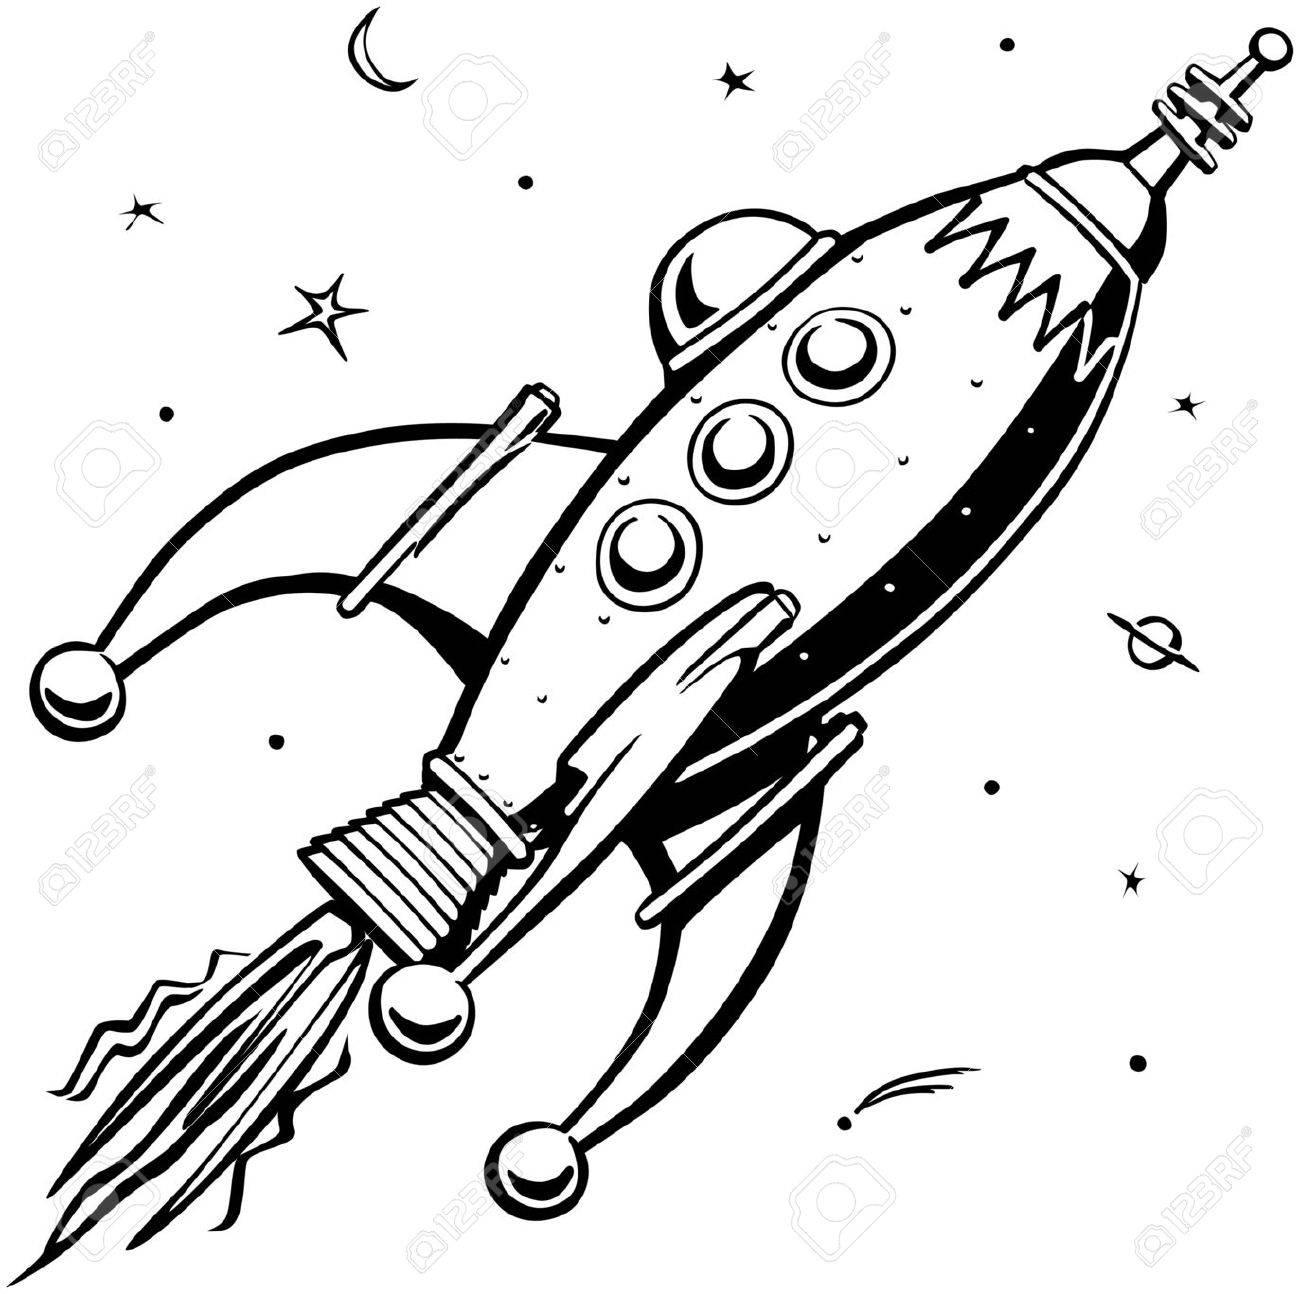 Uncategorized Rocket Ship Drawings retro rocketship royalty free cliparts vectors and stock vector 28344696